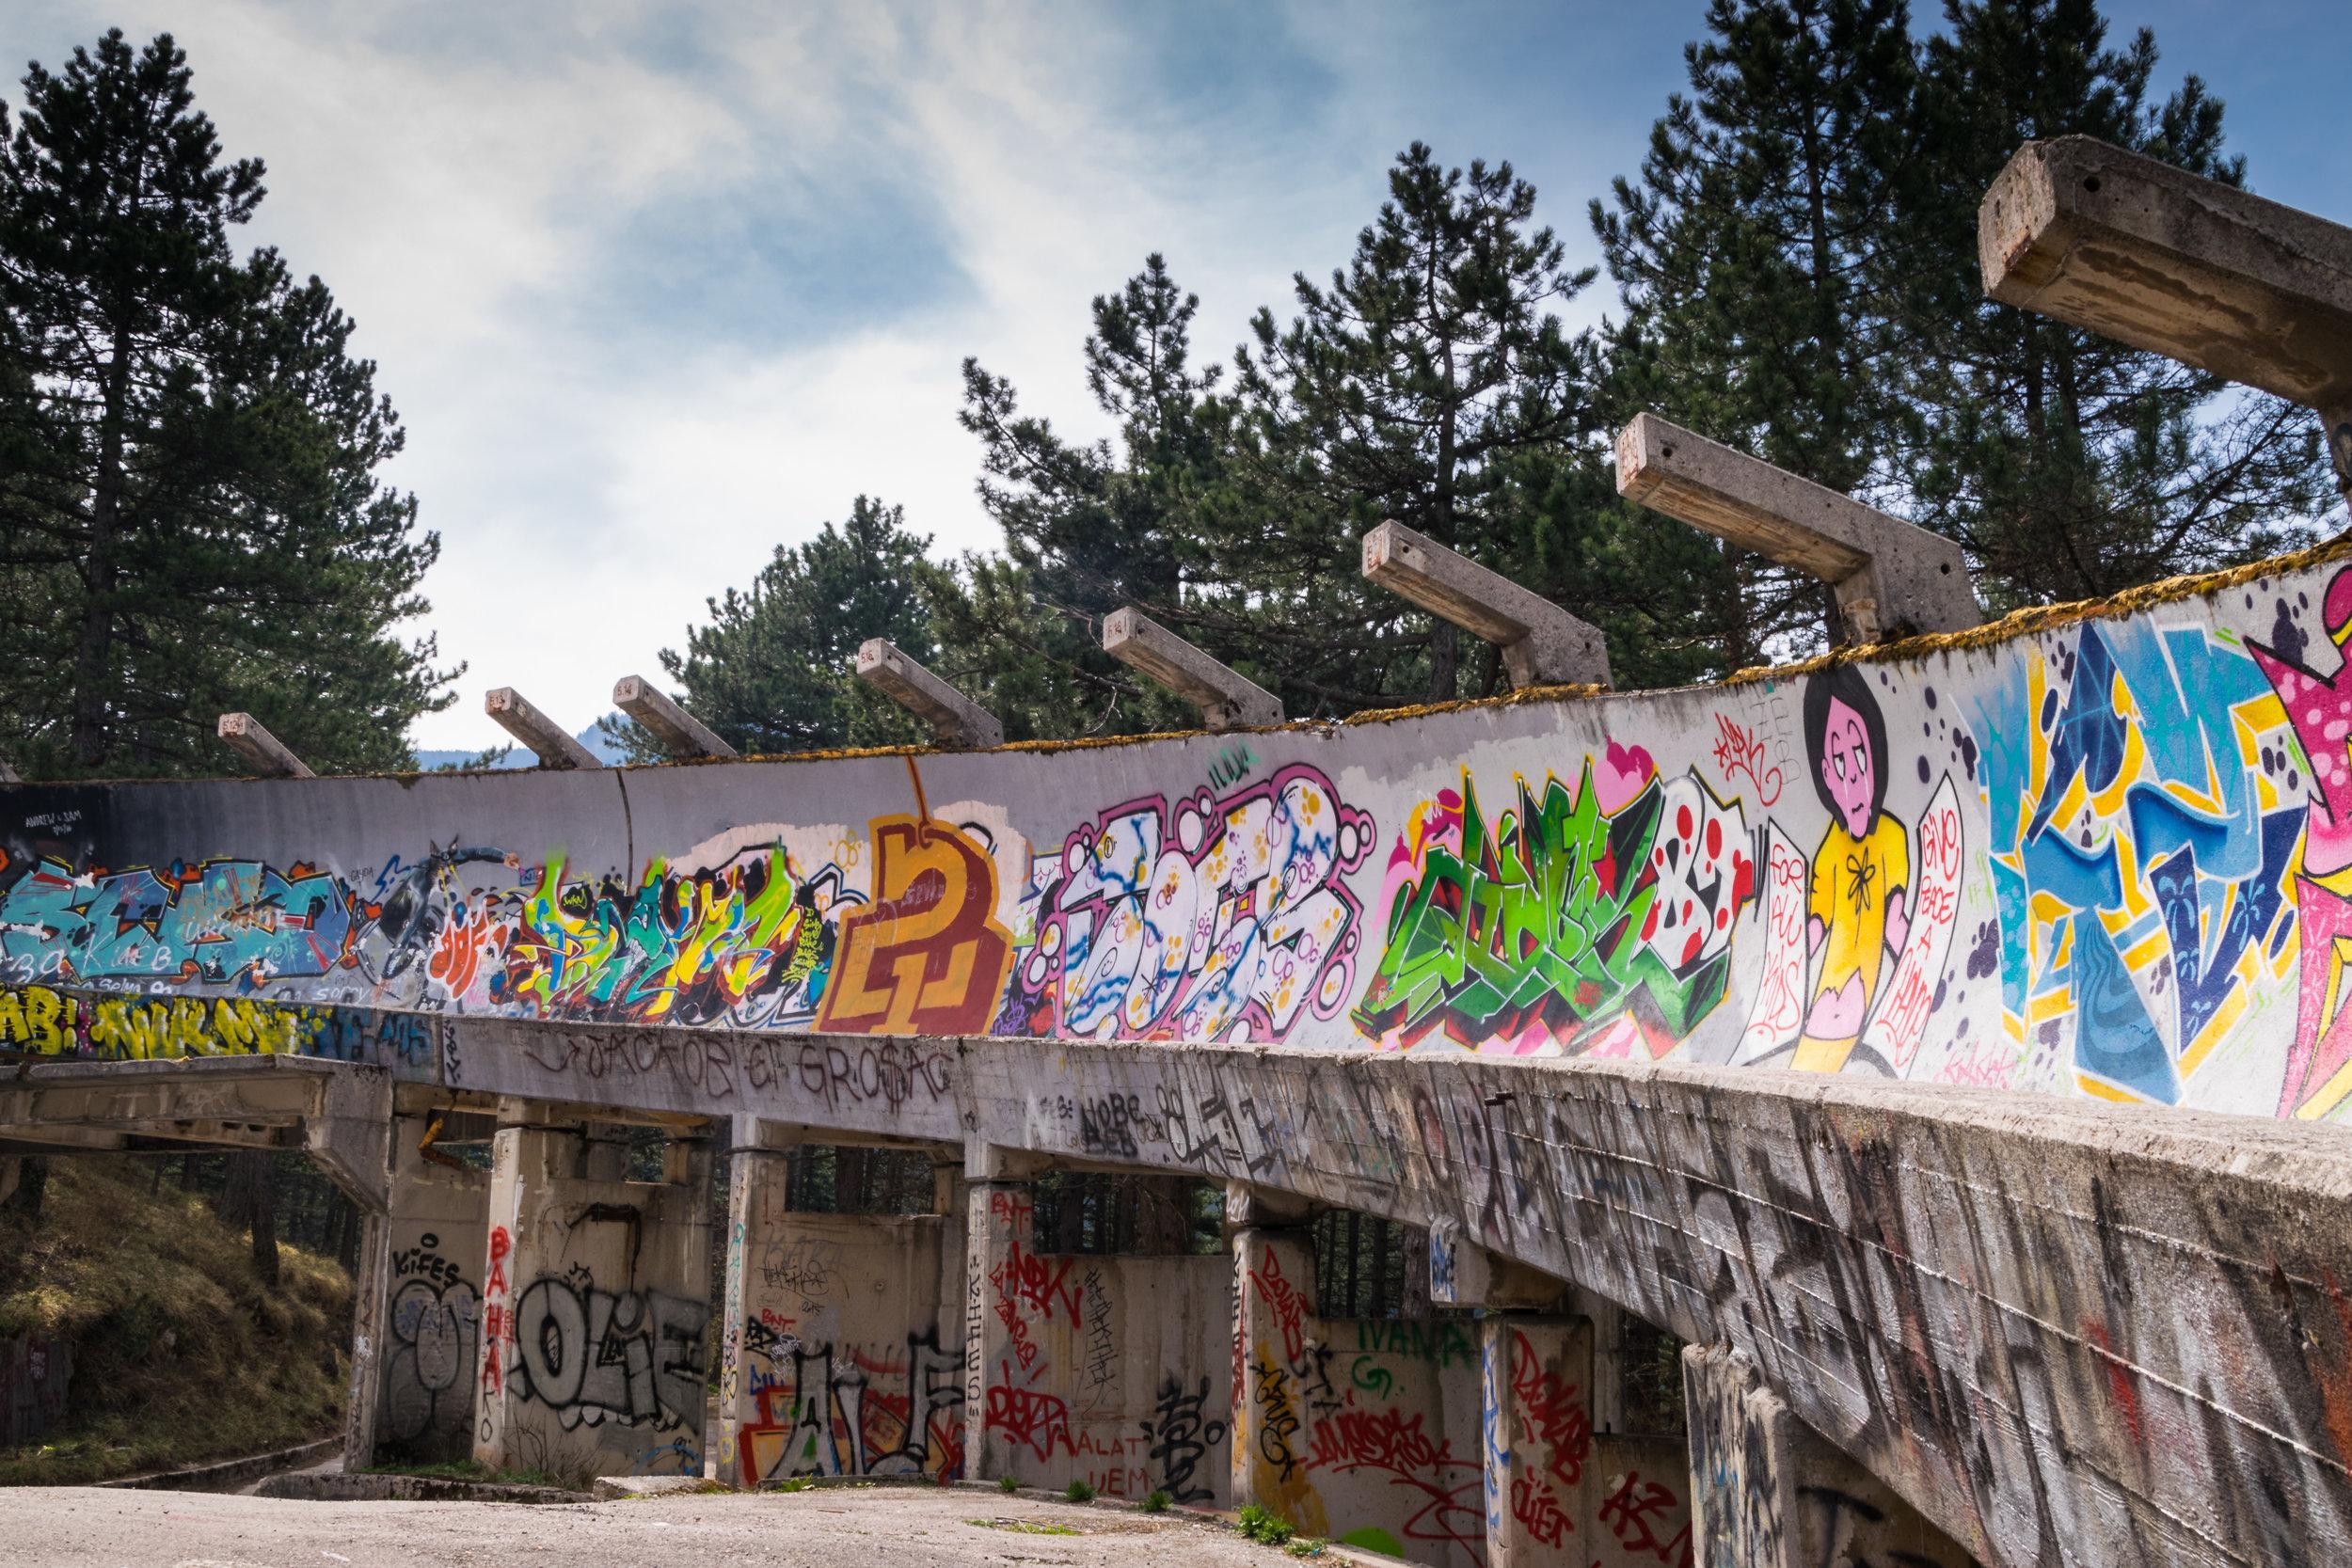 BiH_Sarajevo+bobsled-1.jpg